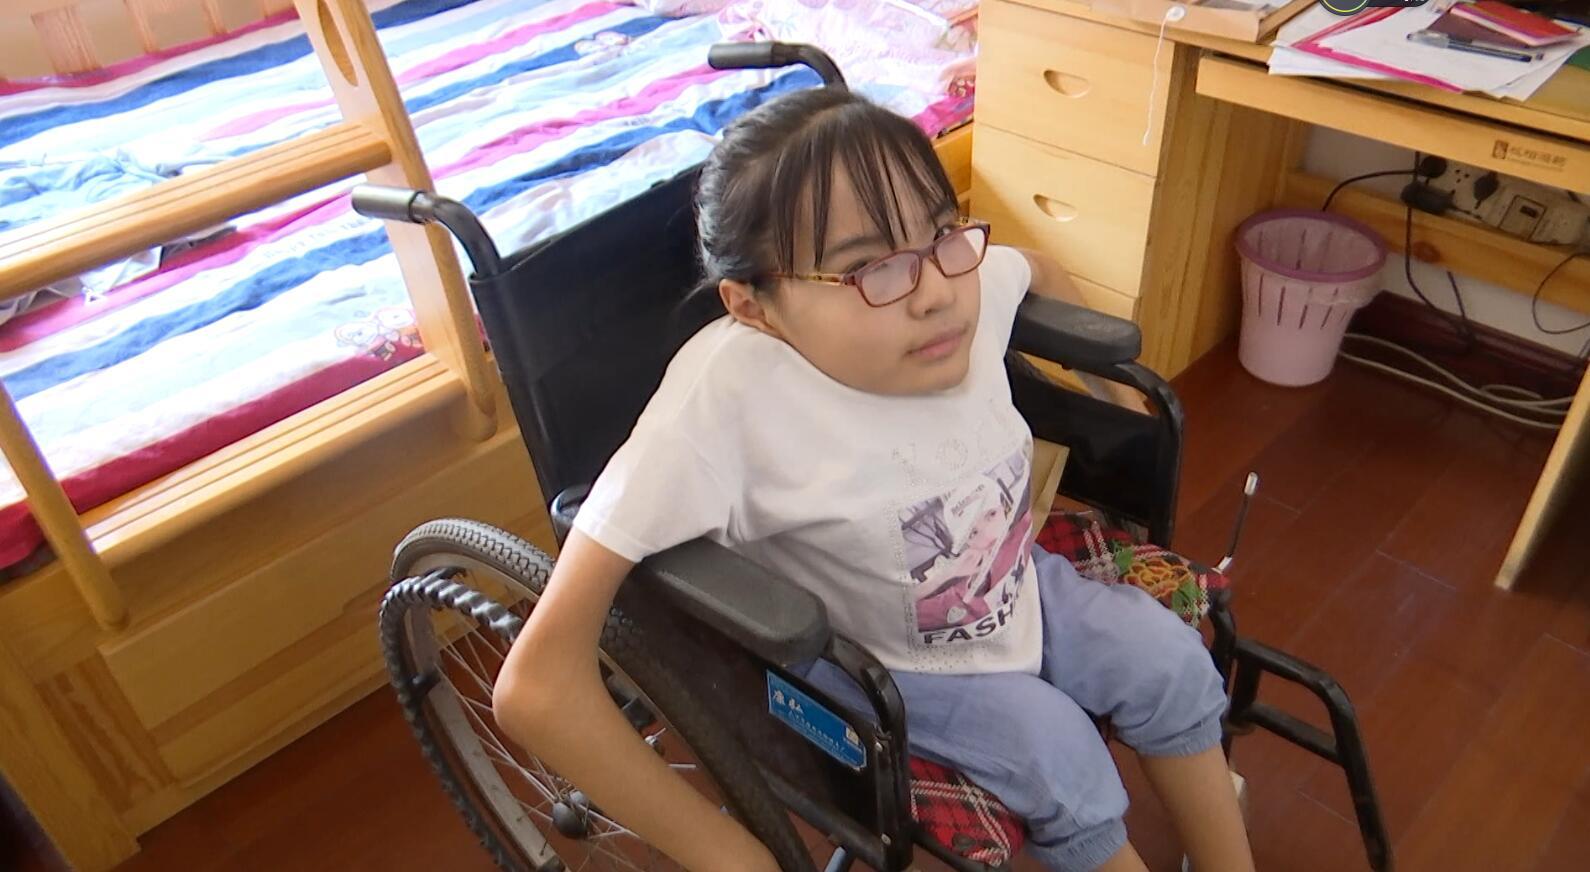 闪电送学行动丨滨州残疾女孩步入大学校园 12年求学路由妈妈抱着完成